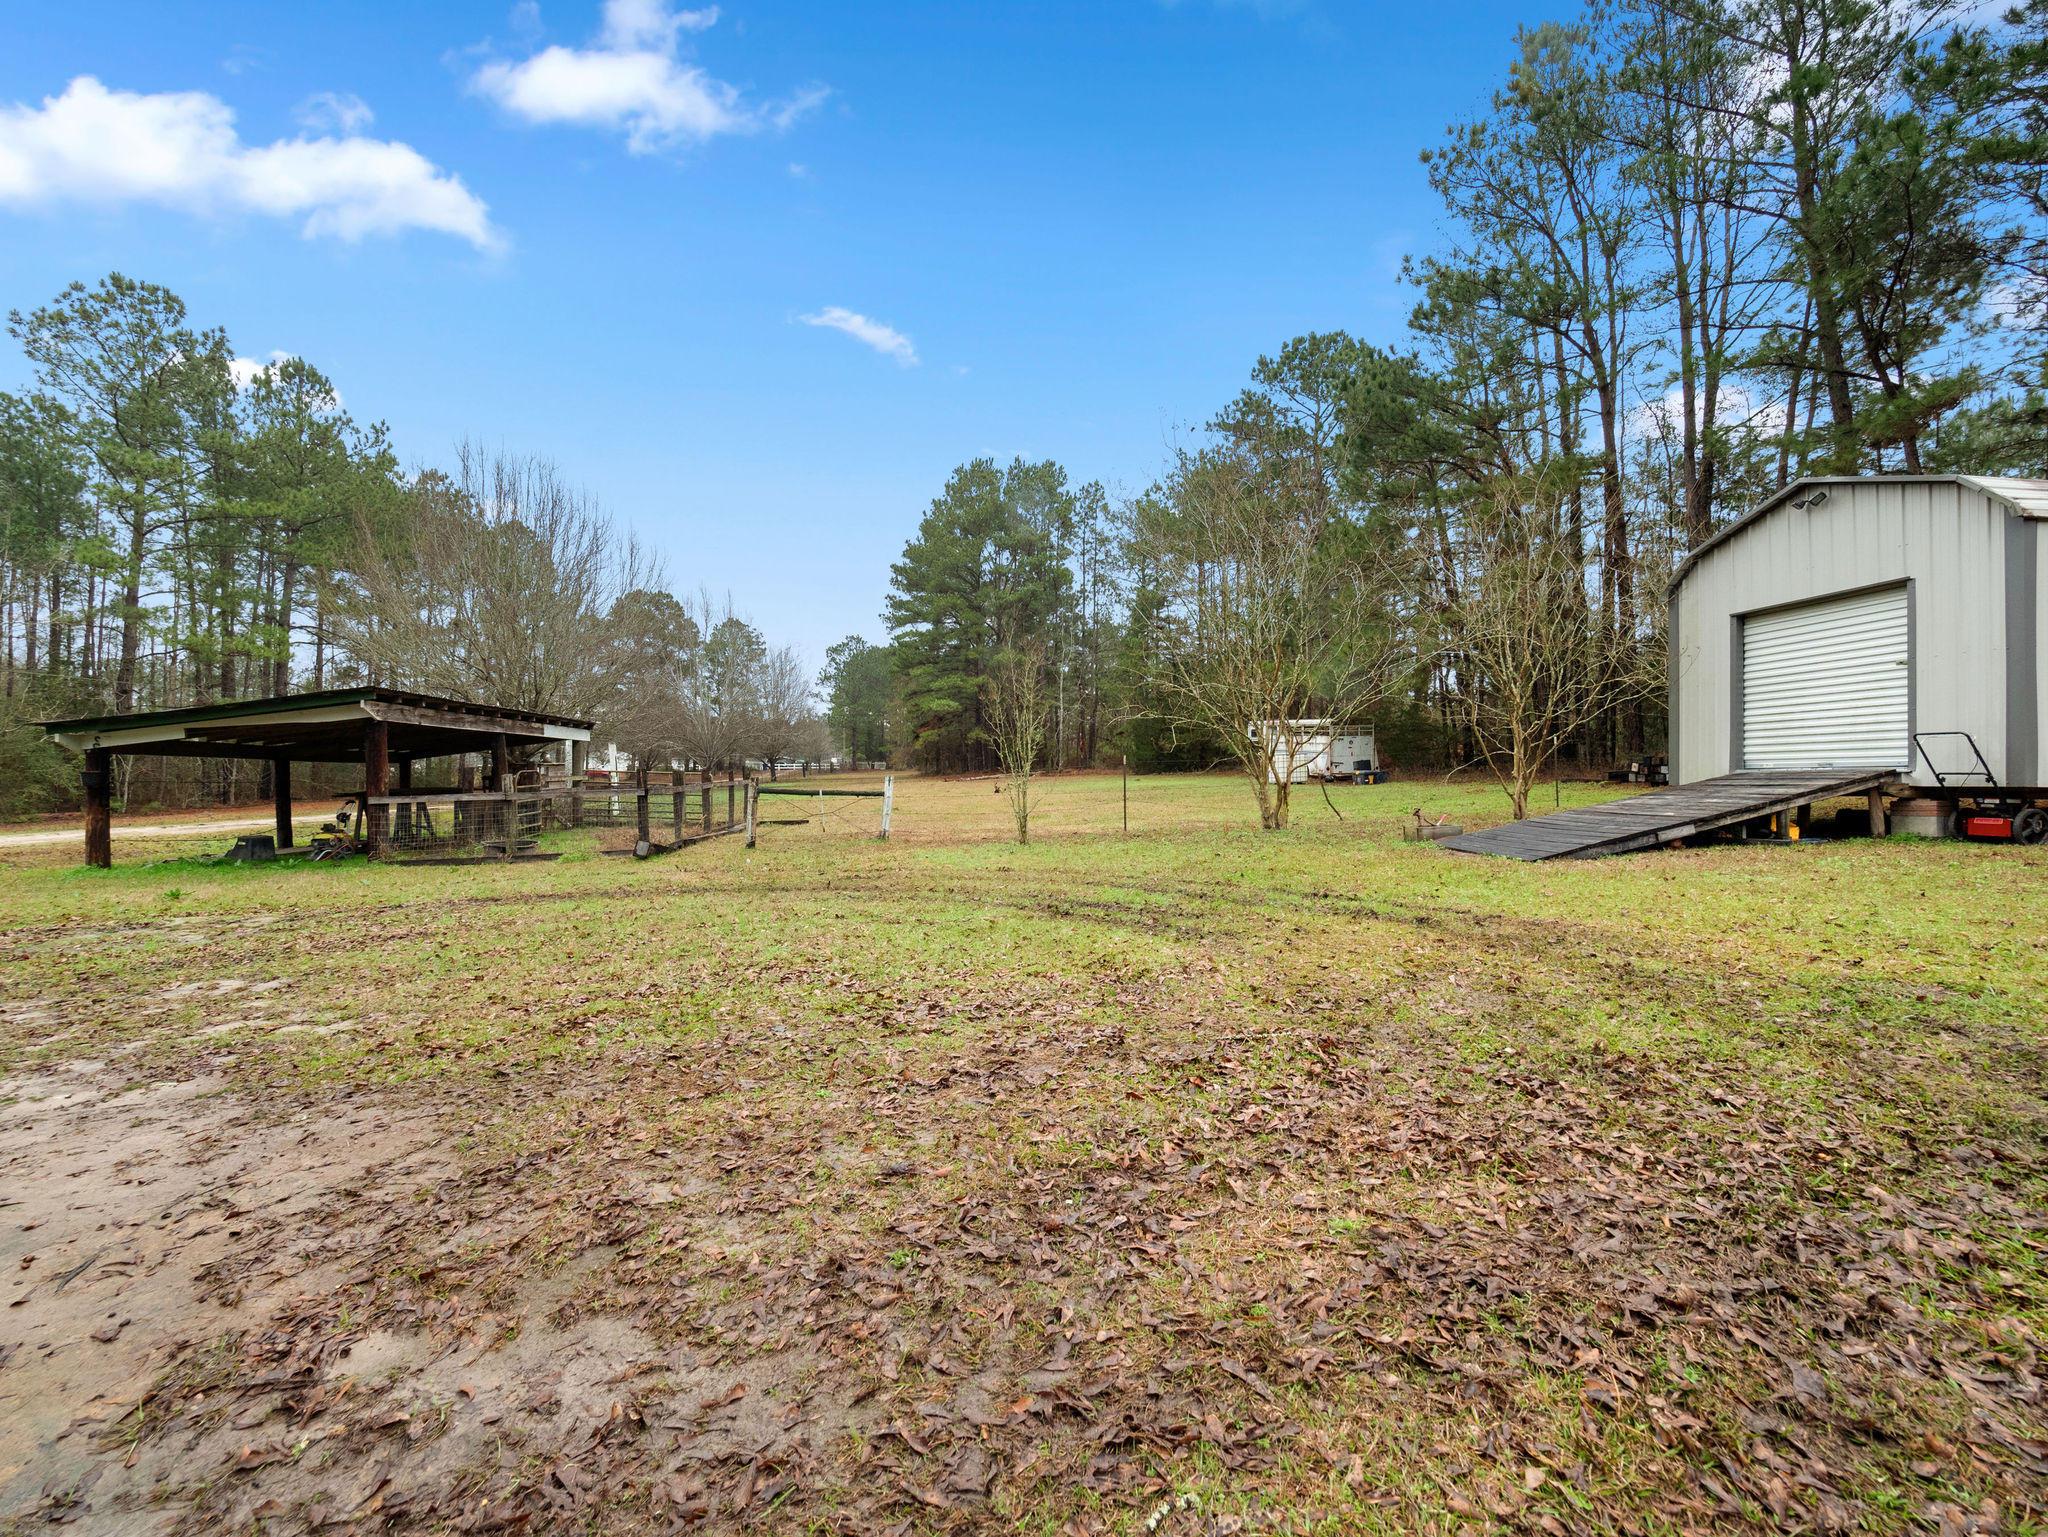 Hornbeck home for sale, 230 Snell Rd, Hornbeck LA - $160,000